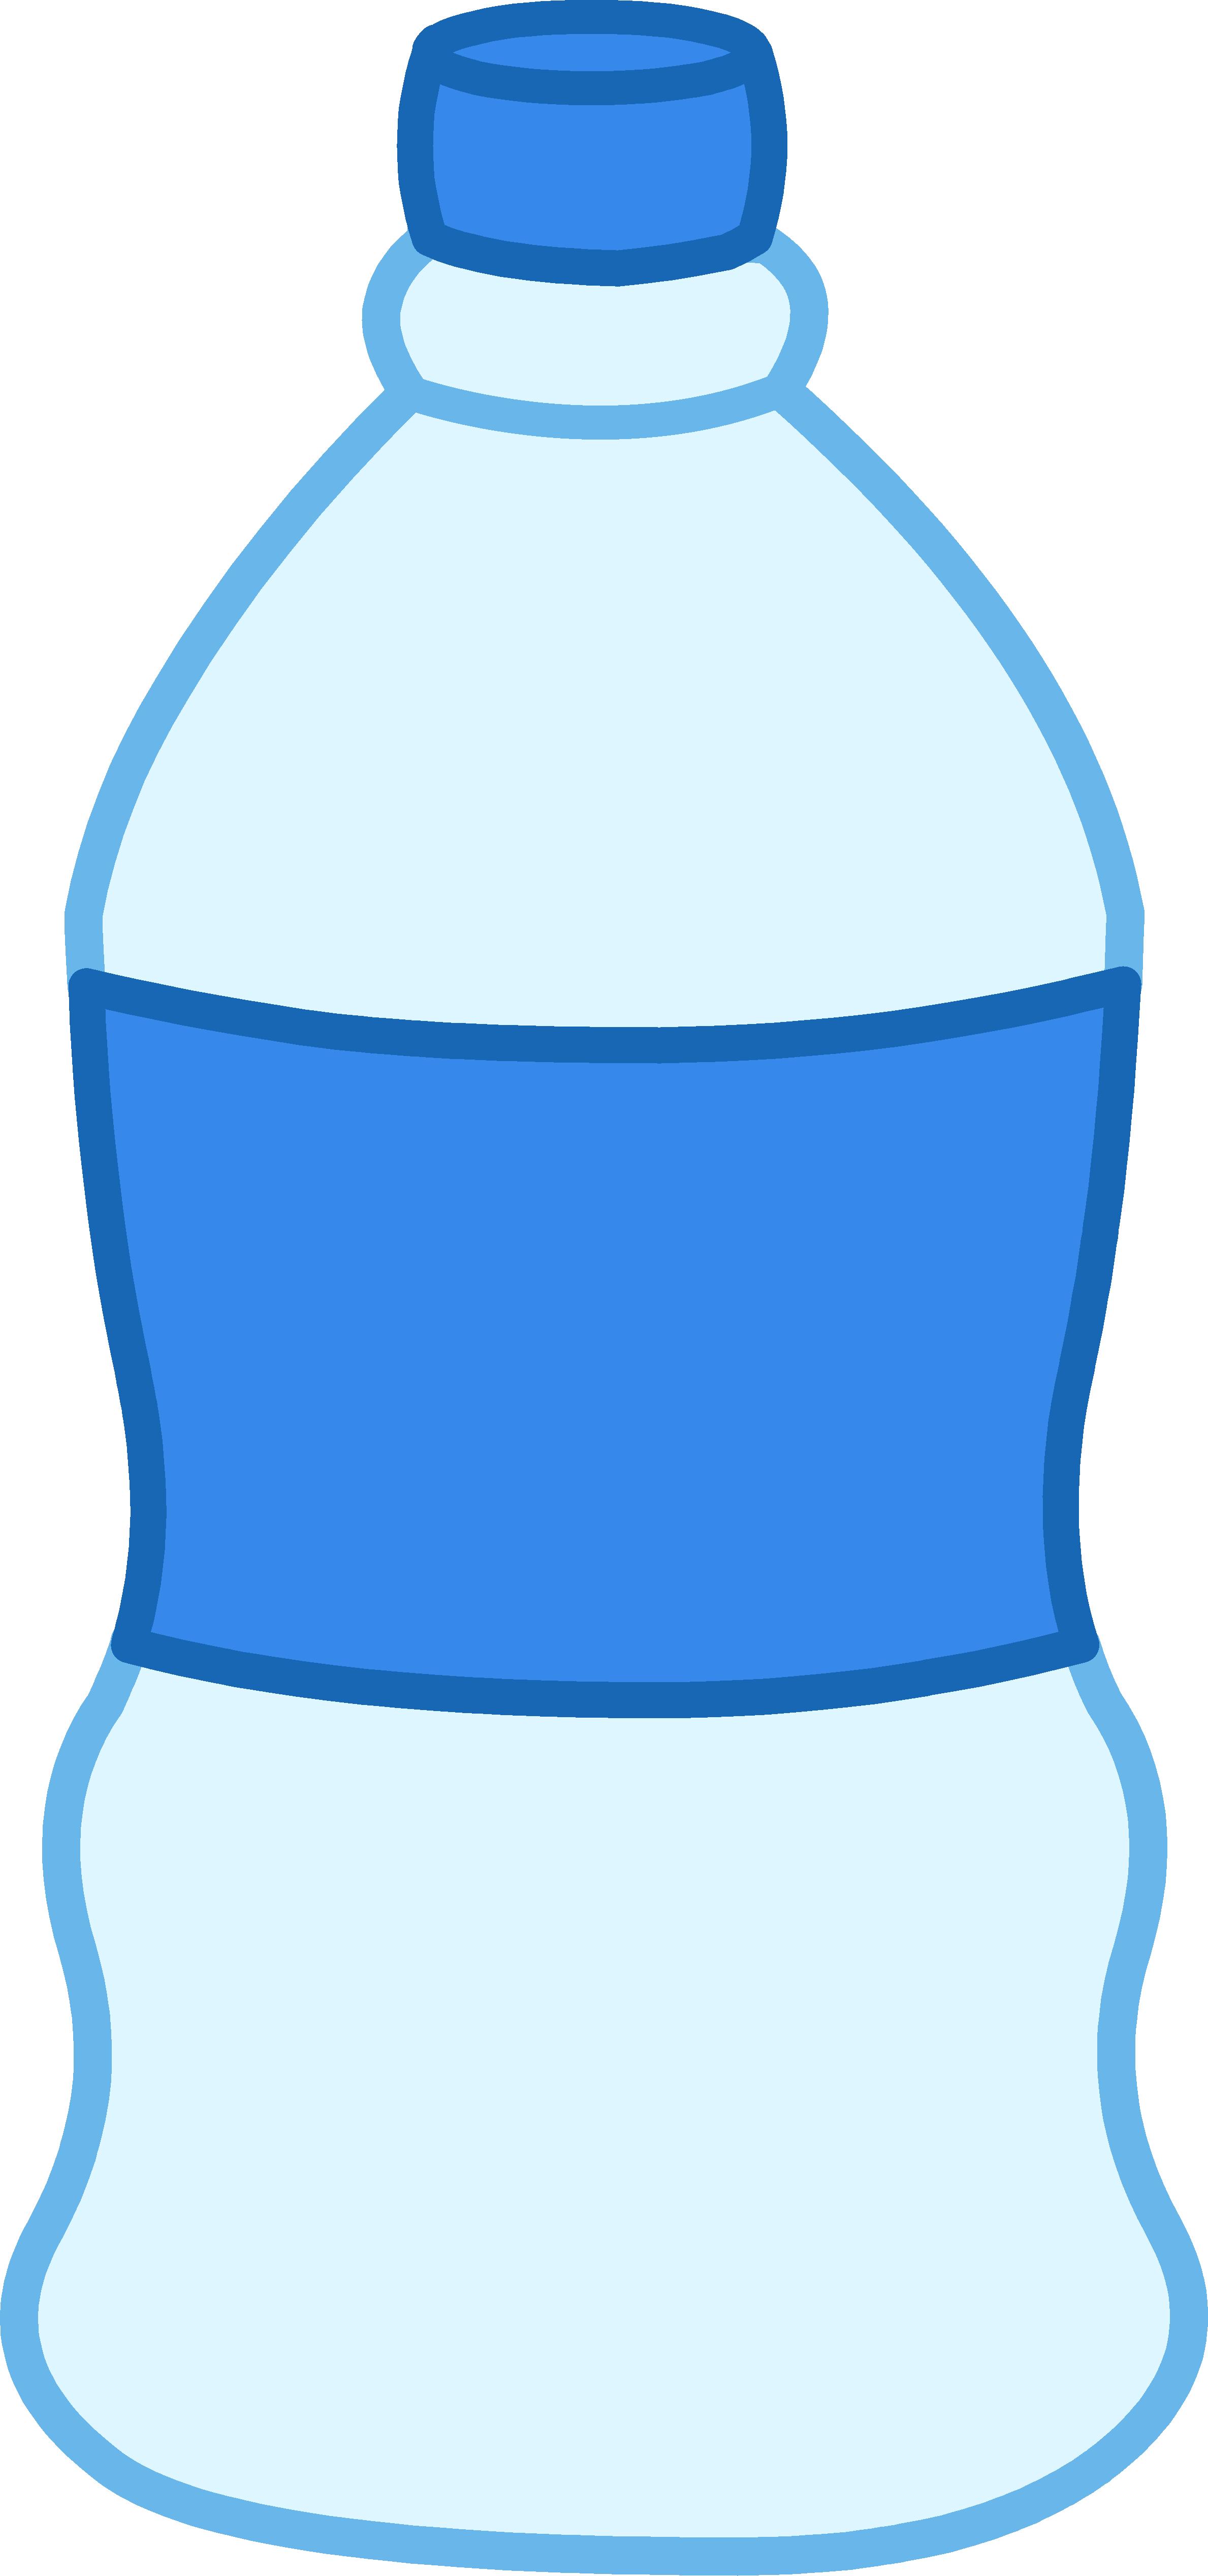 Water Clip Art-Water Clip Art-16